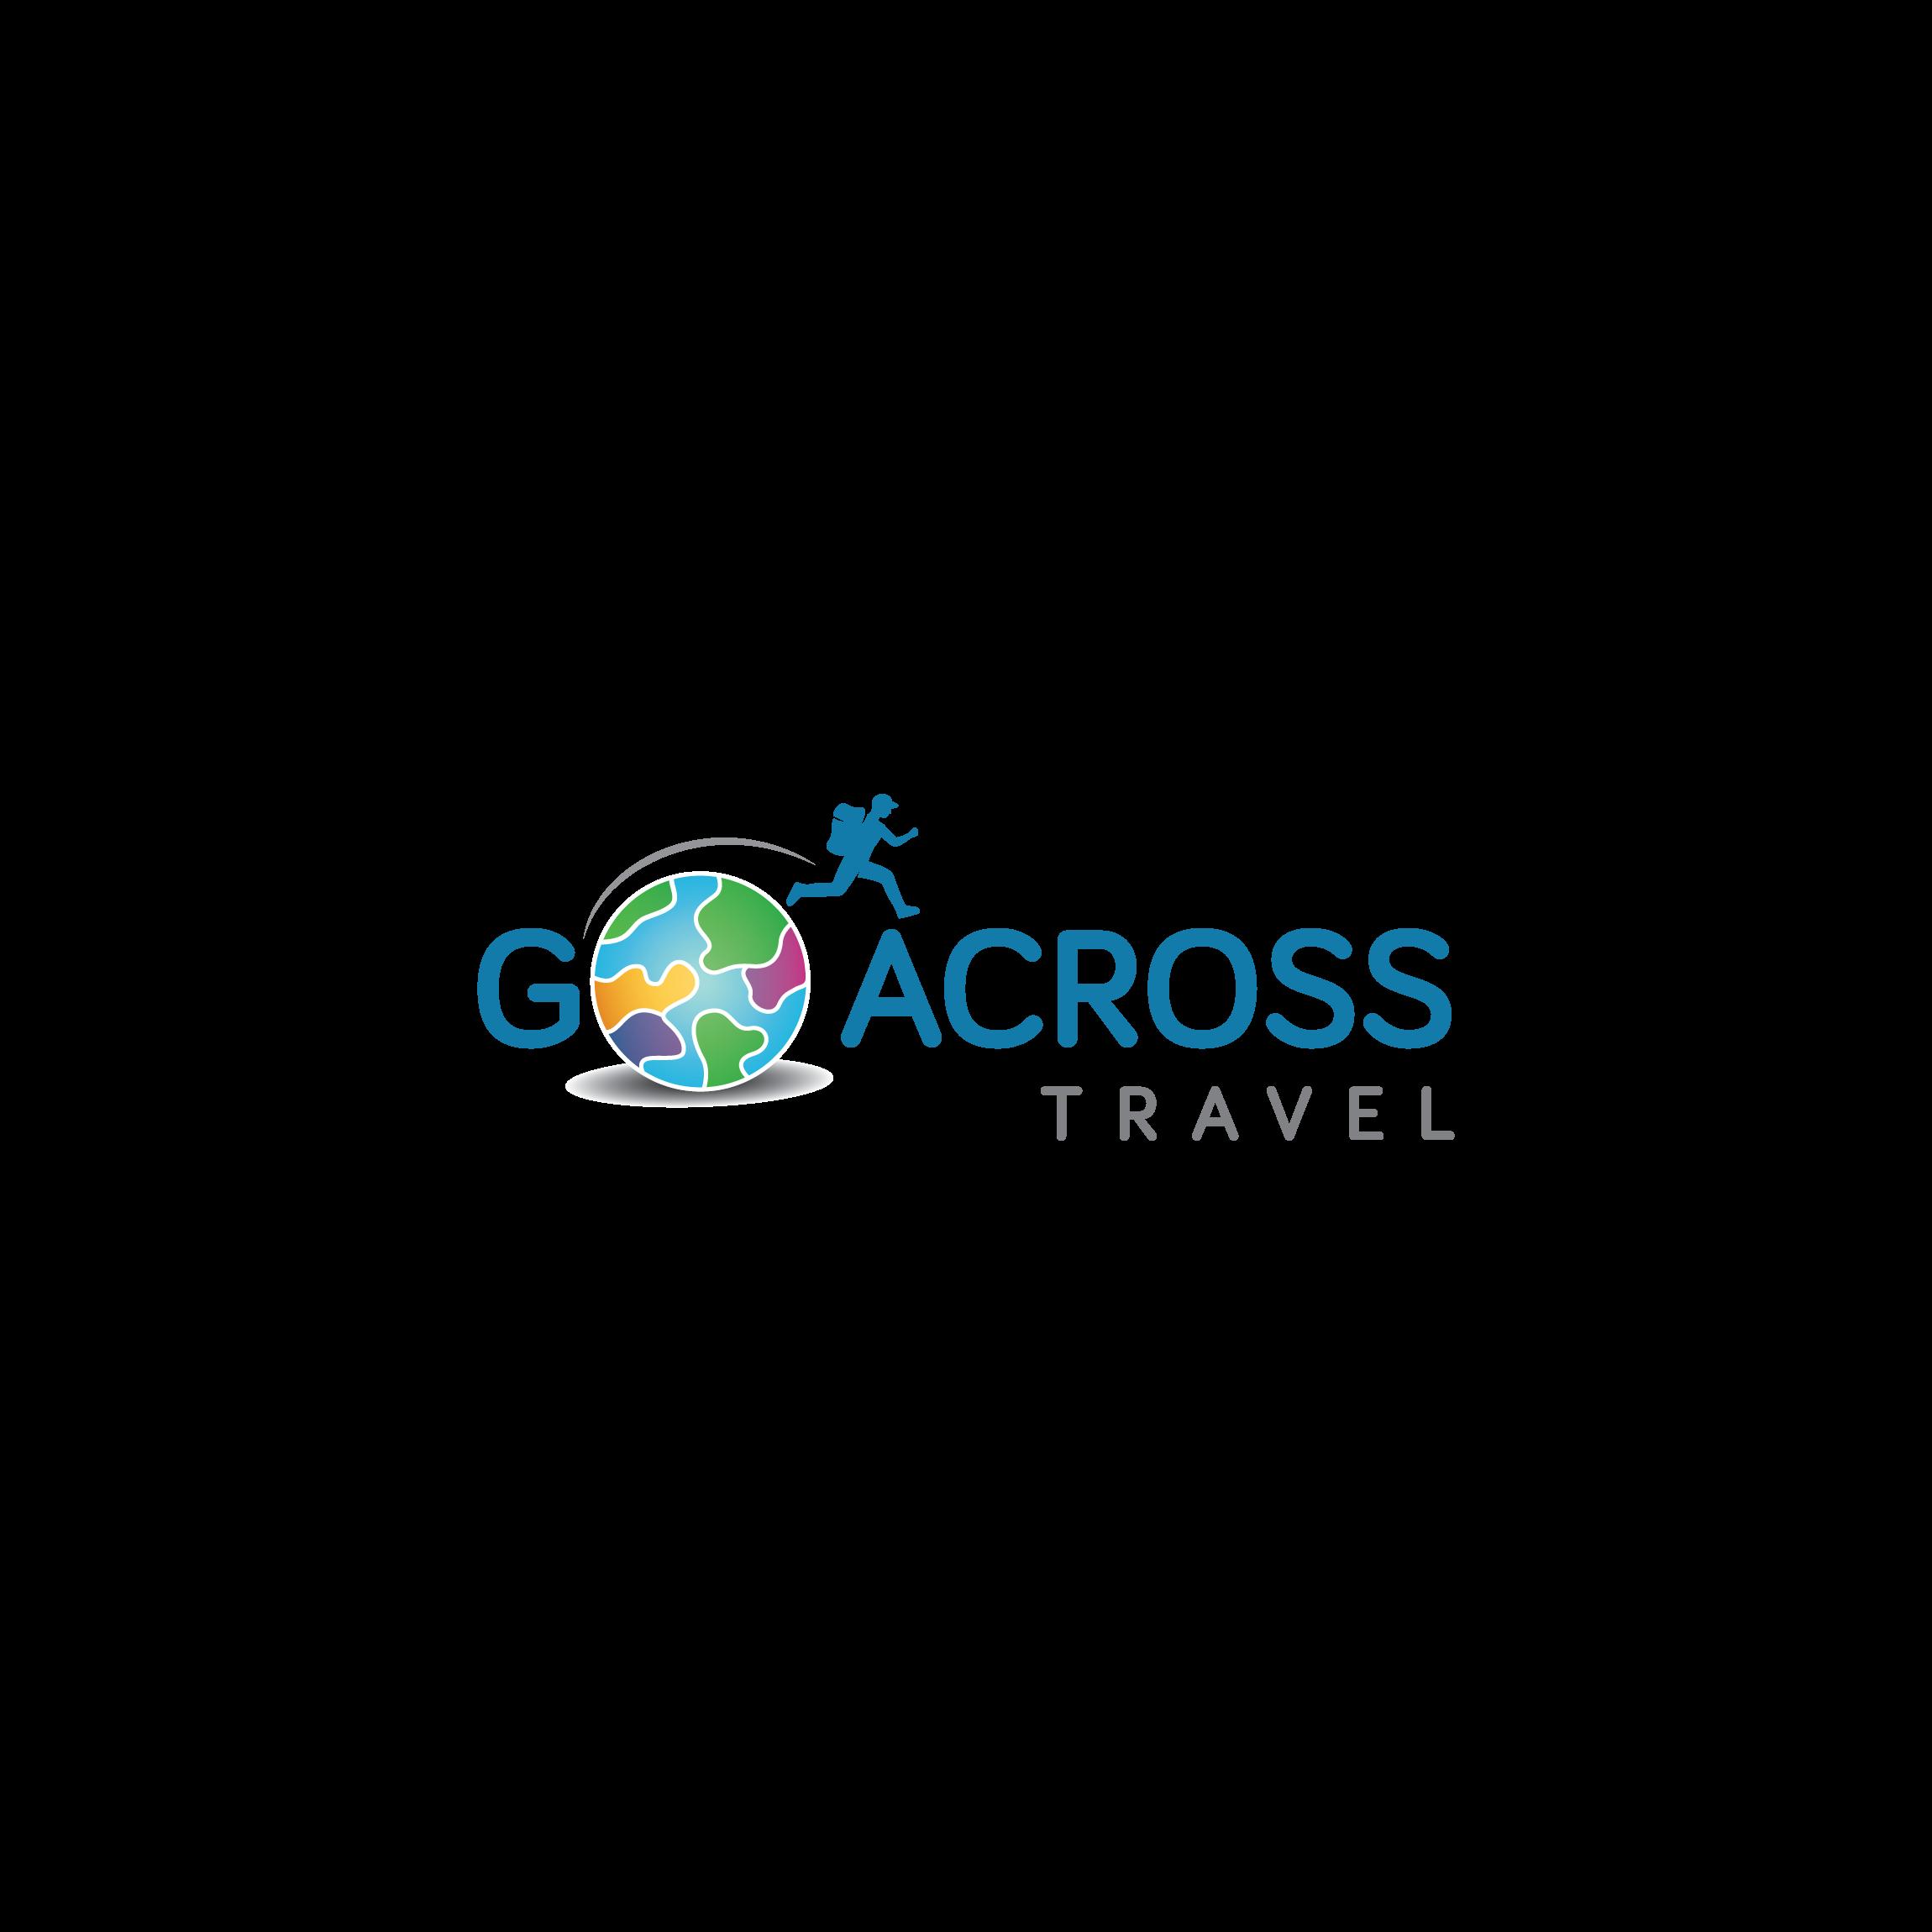 Design a inspirational logo for Go Across Travel